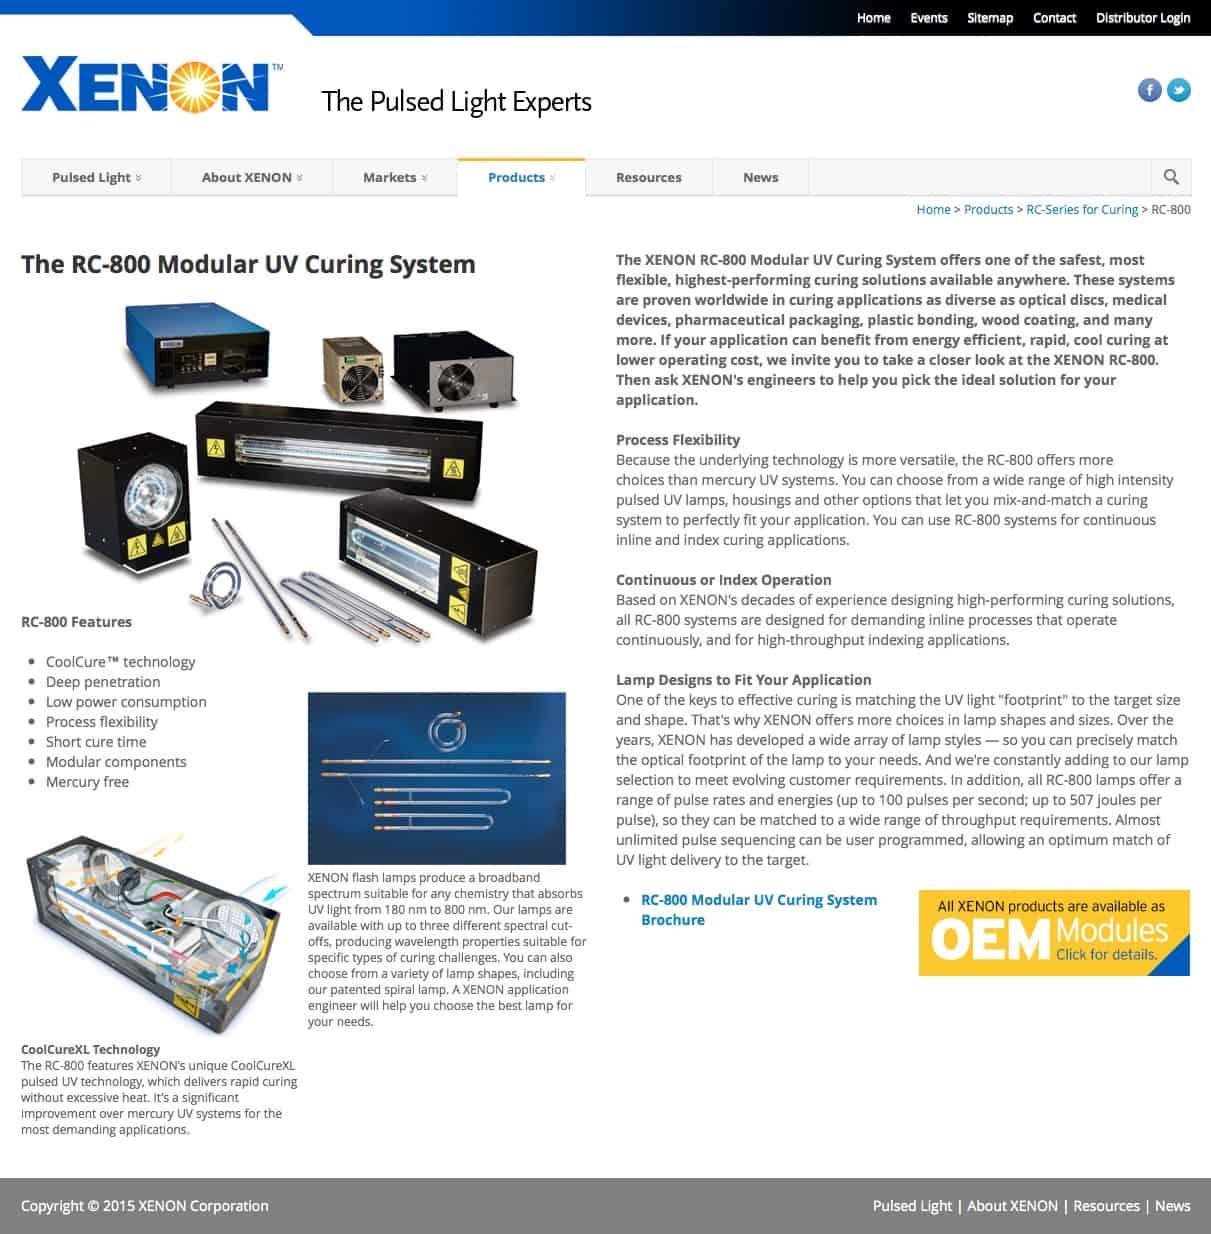 XENON005